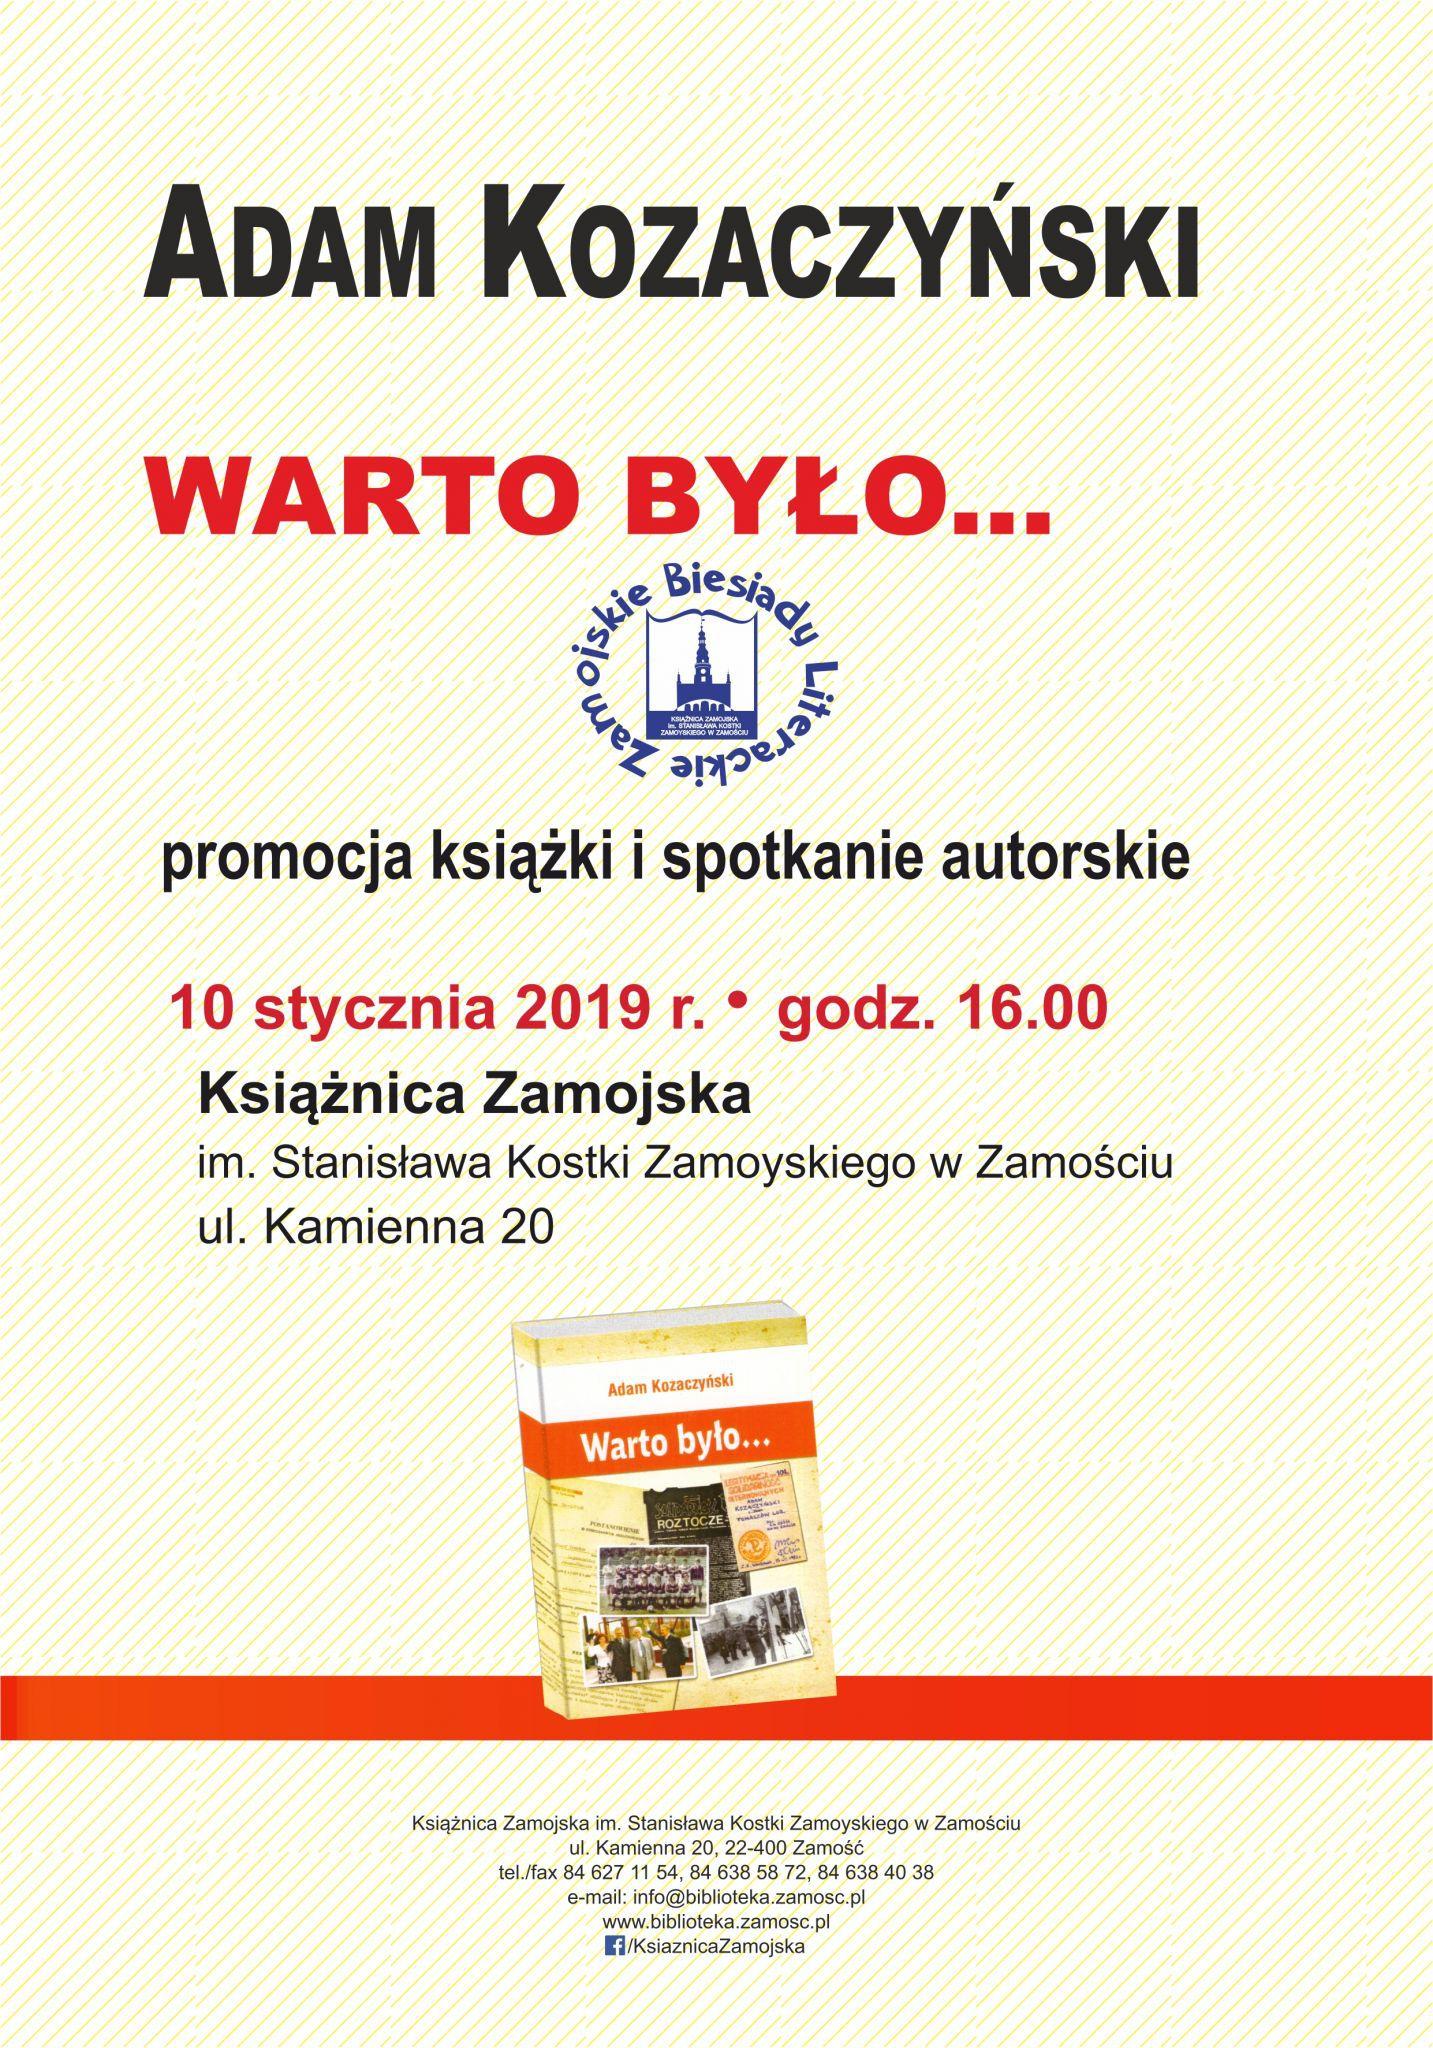 kozaczynski plakat 2019 Promocja książki Adama Kozaczyńskiego